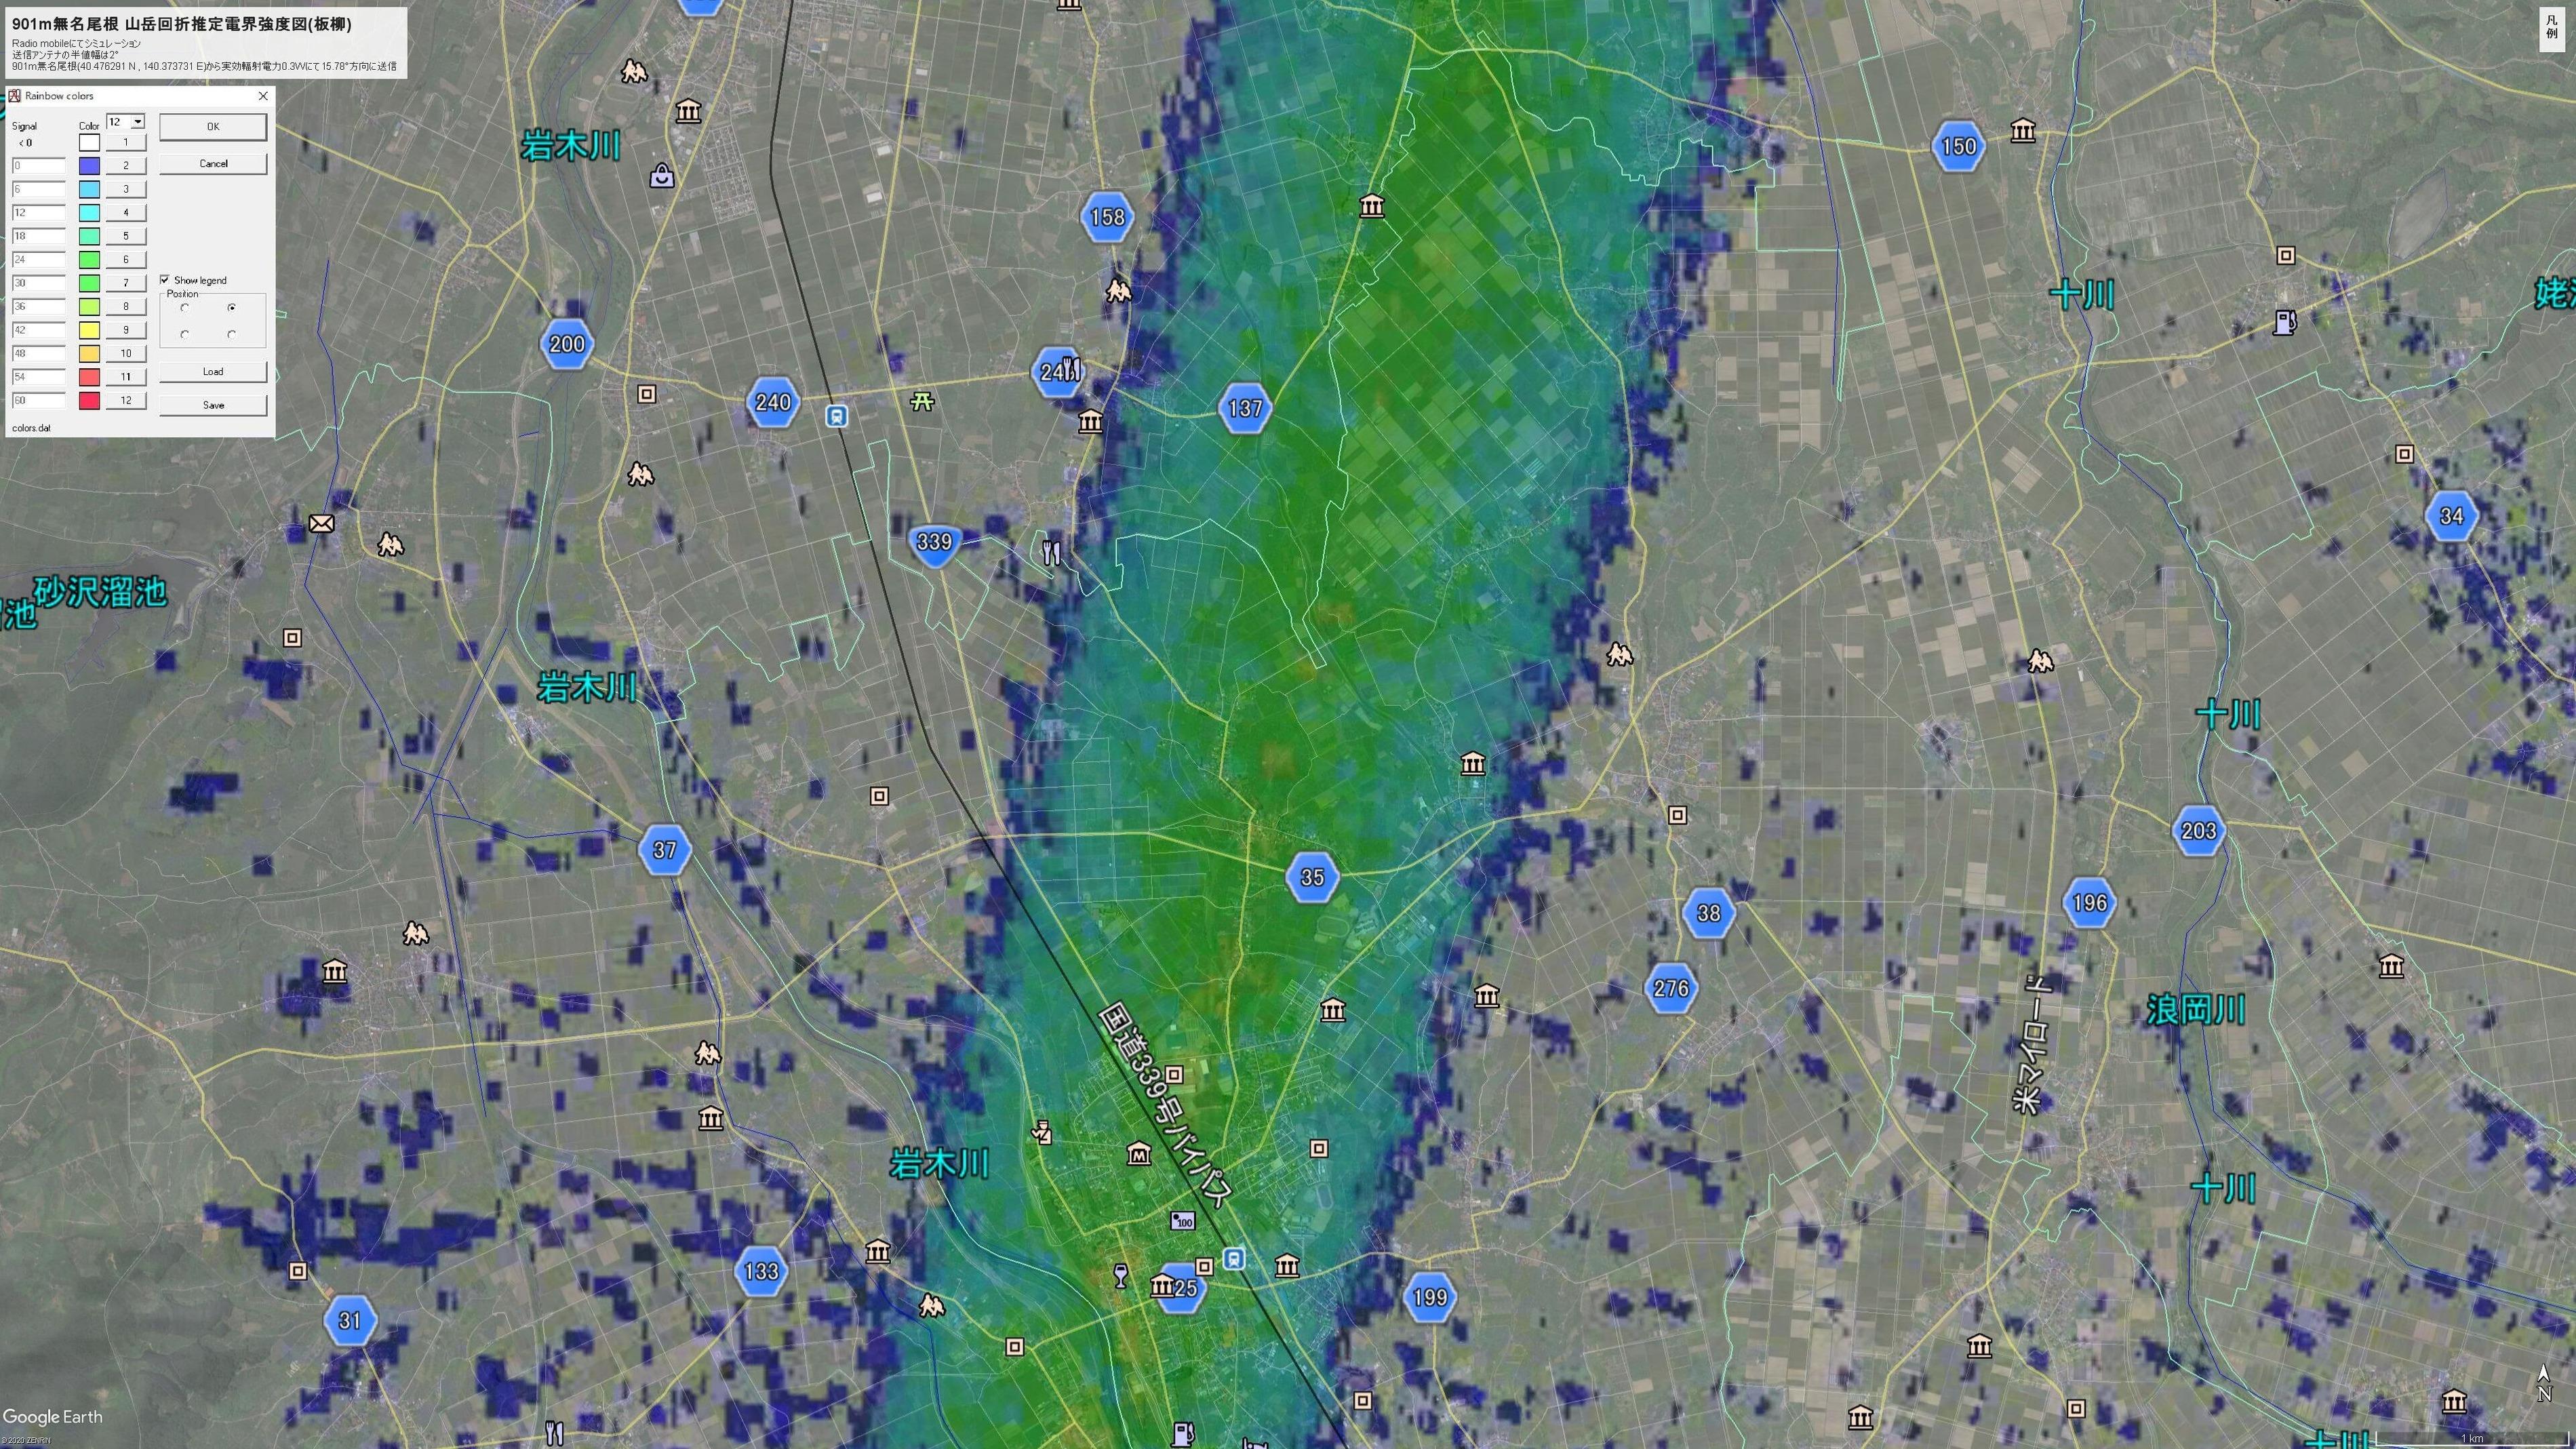 901m無名尾根 山岳回折推定電界強度図(板柳)